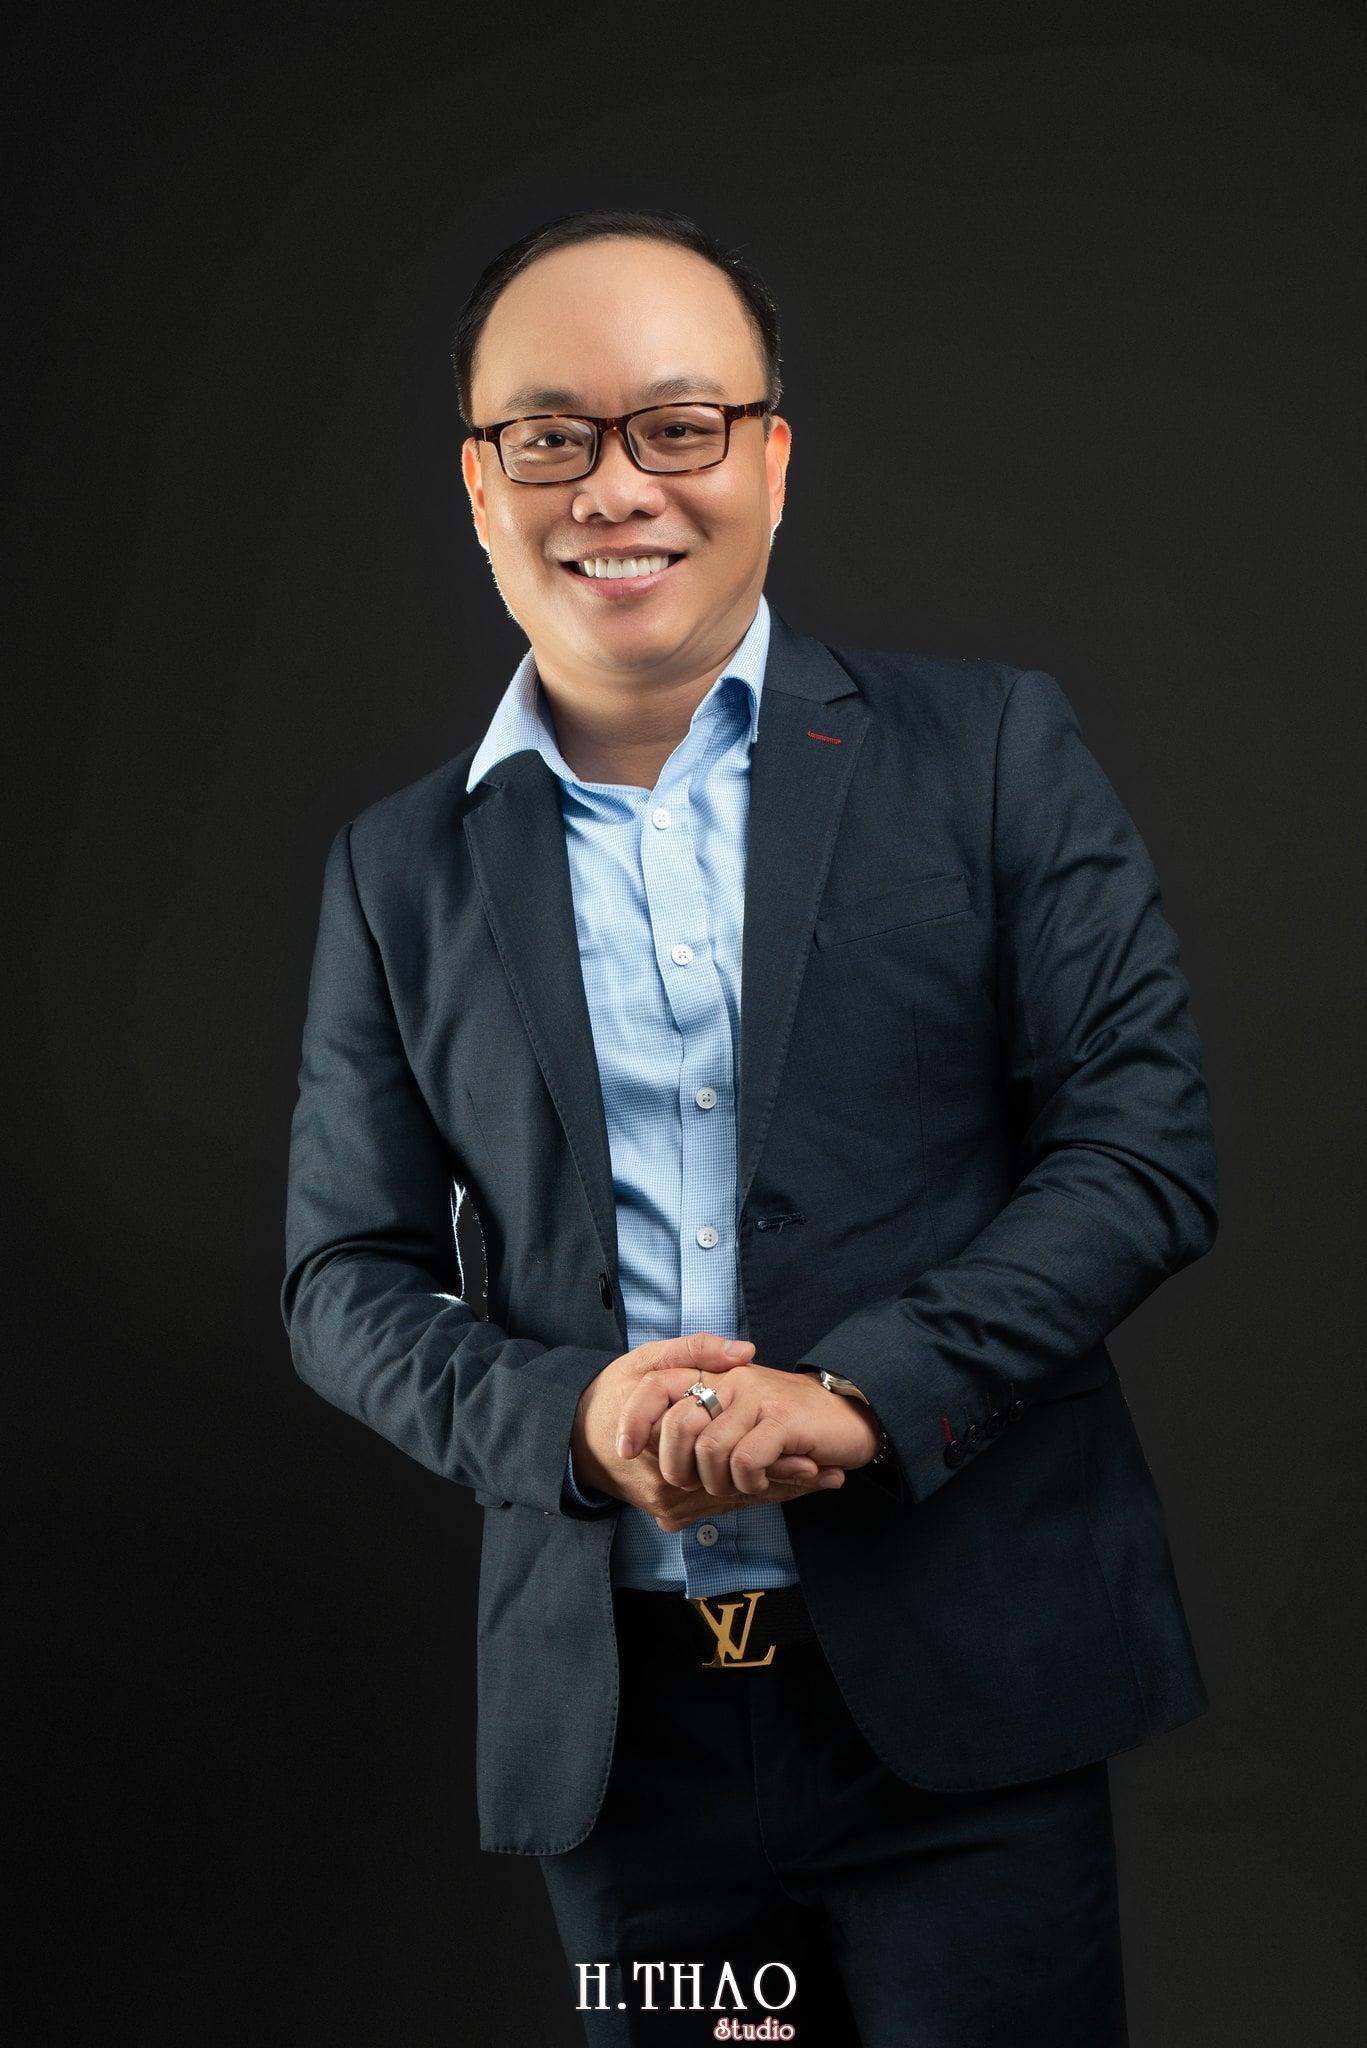 Anh Duy An 11 min - Album ảnh giảng viên, tiến sĩ Duy Ân trẻ tuổi năng động - HThao Studio